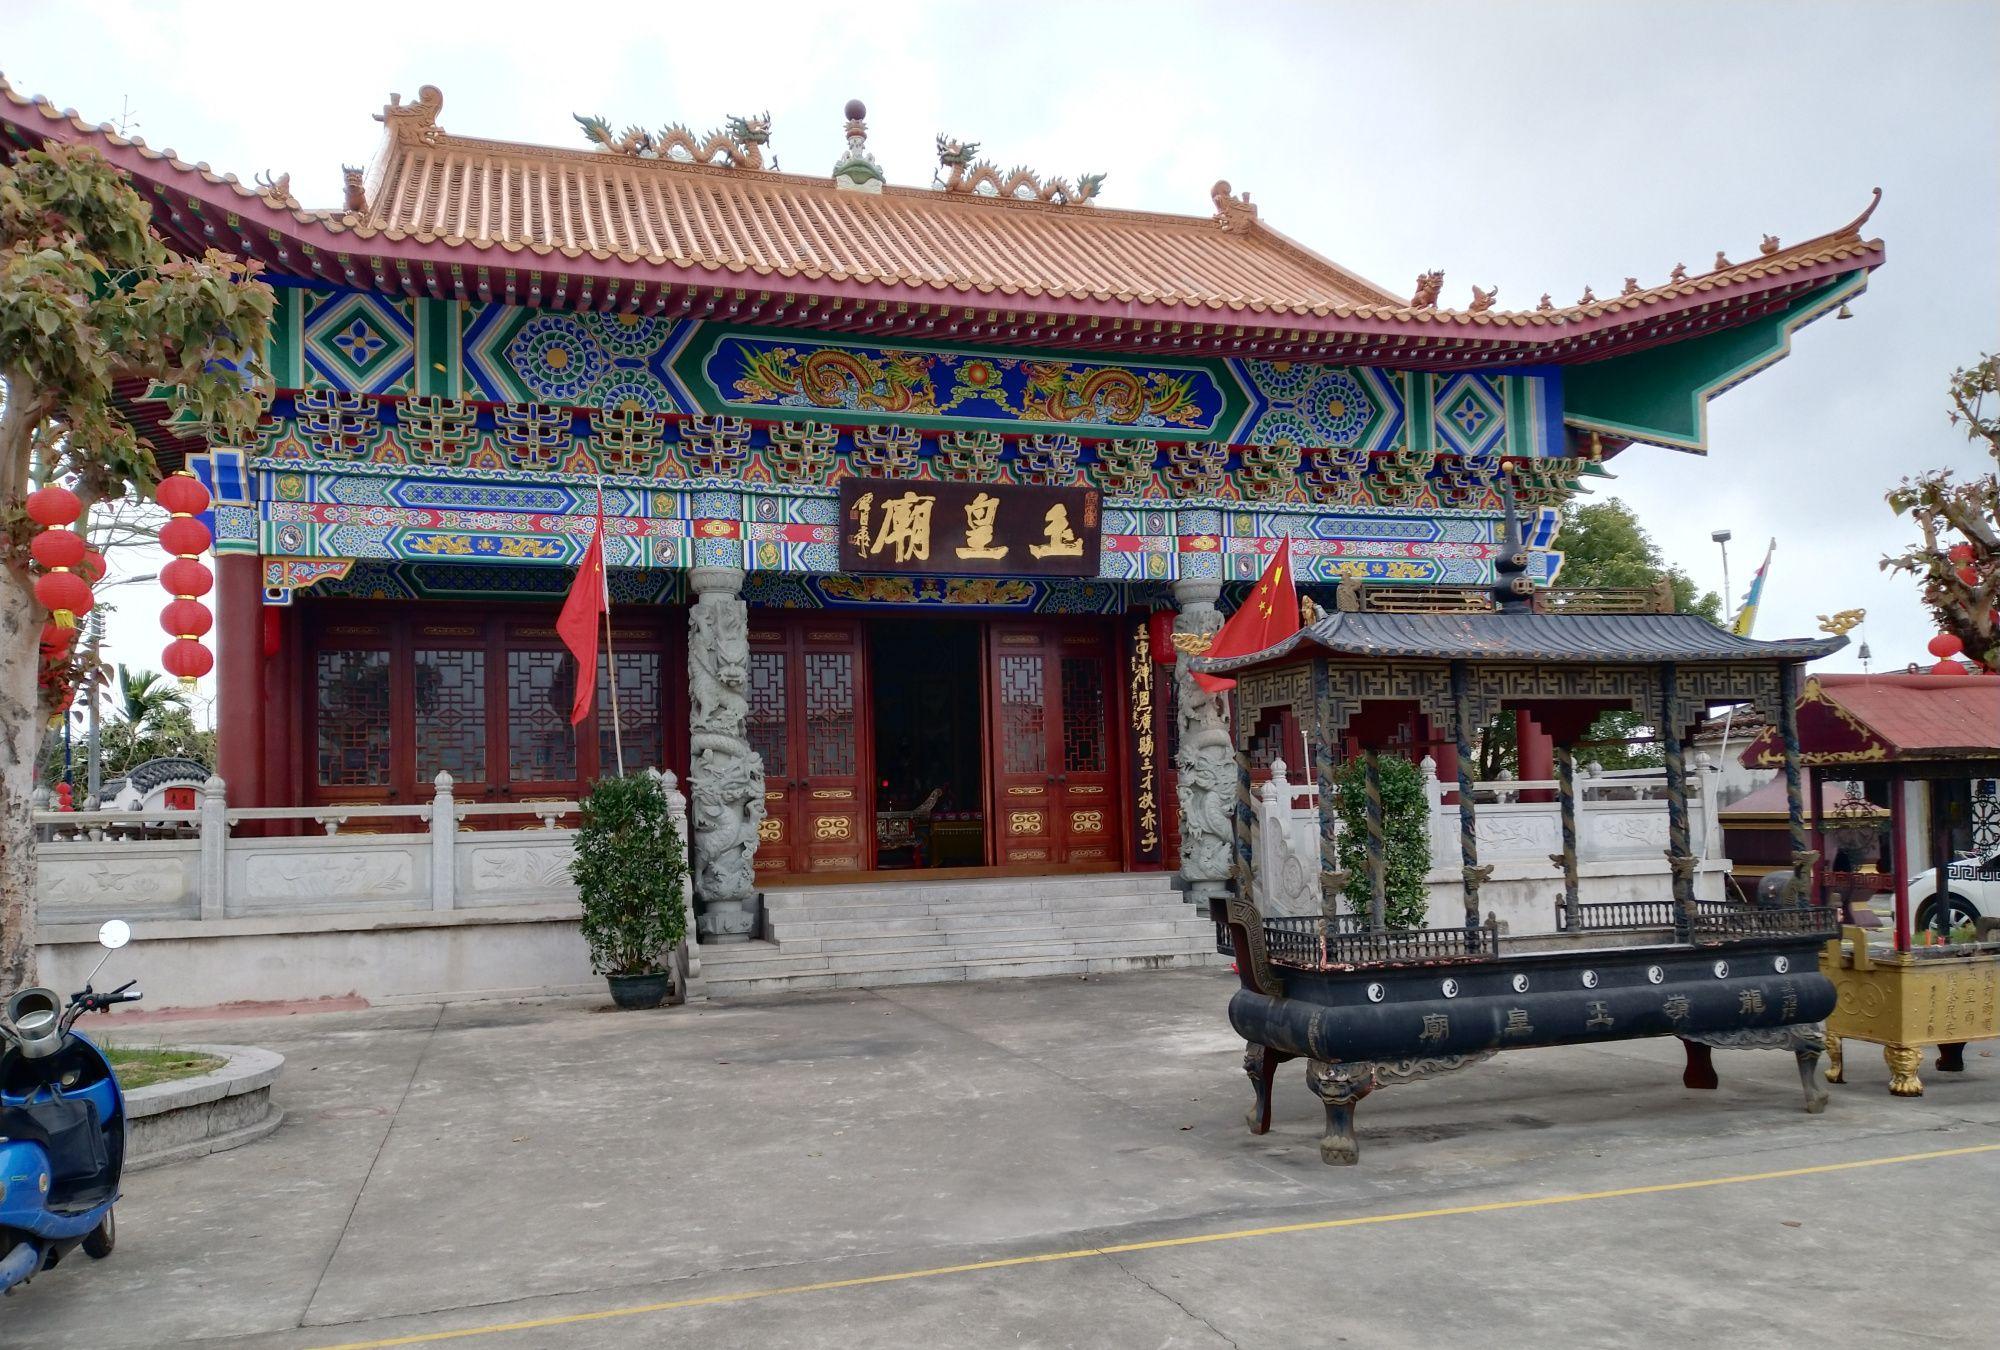 粤西民间风俗记录——难得一见敬奉玉皇大帝的玉皇庙